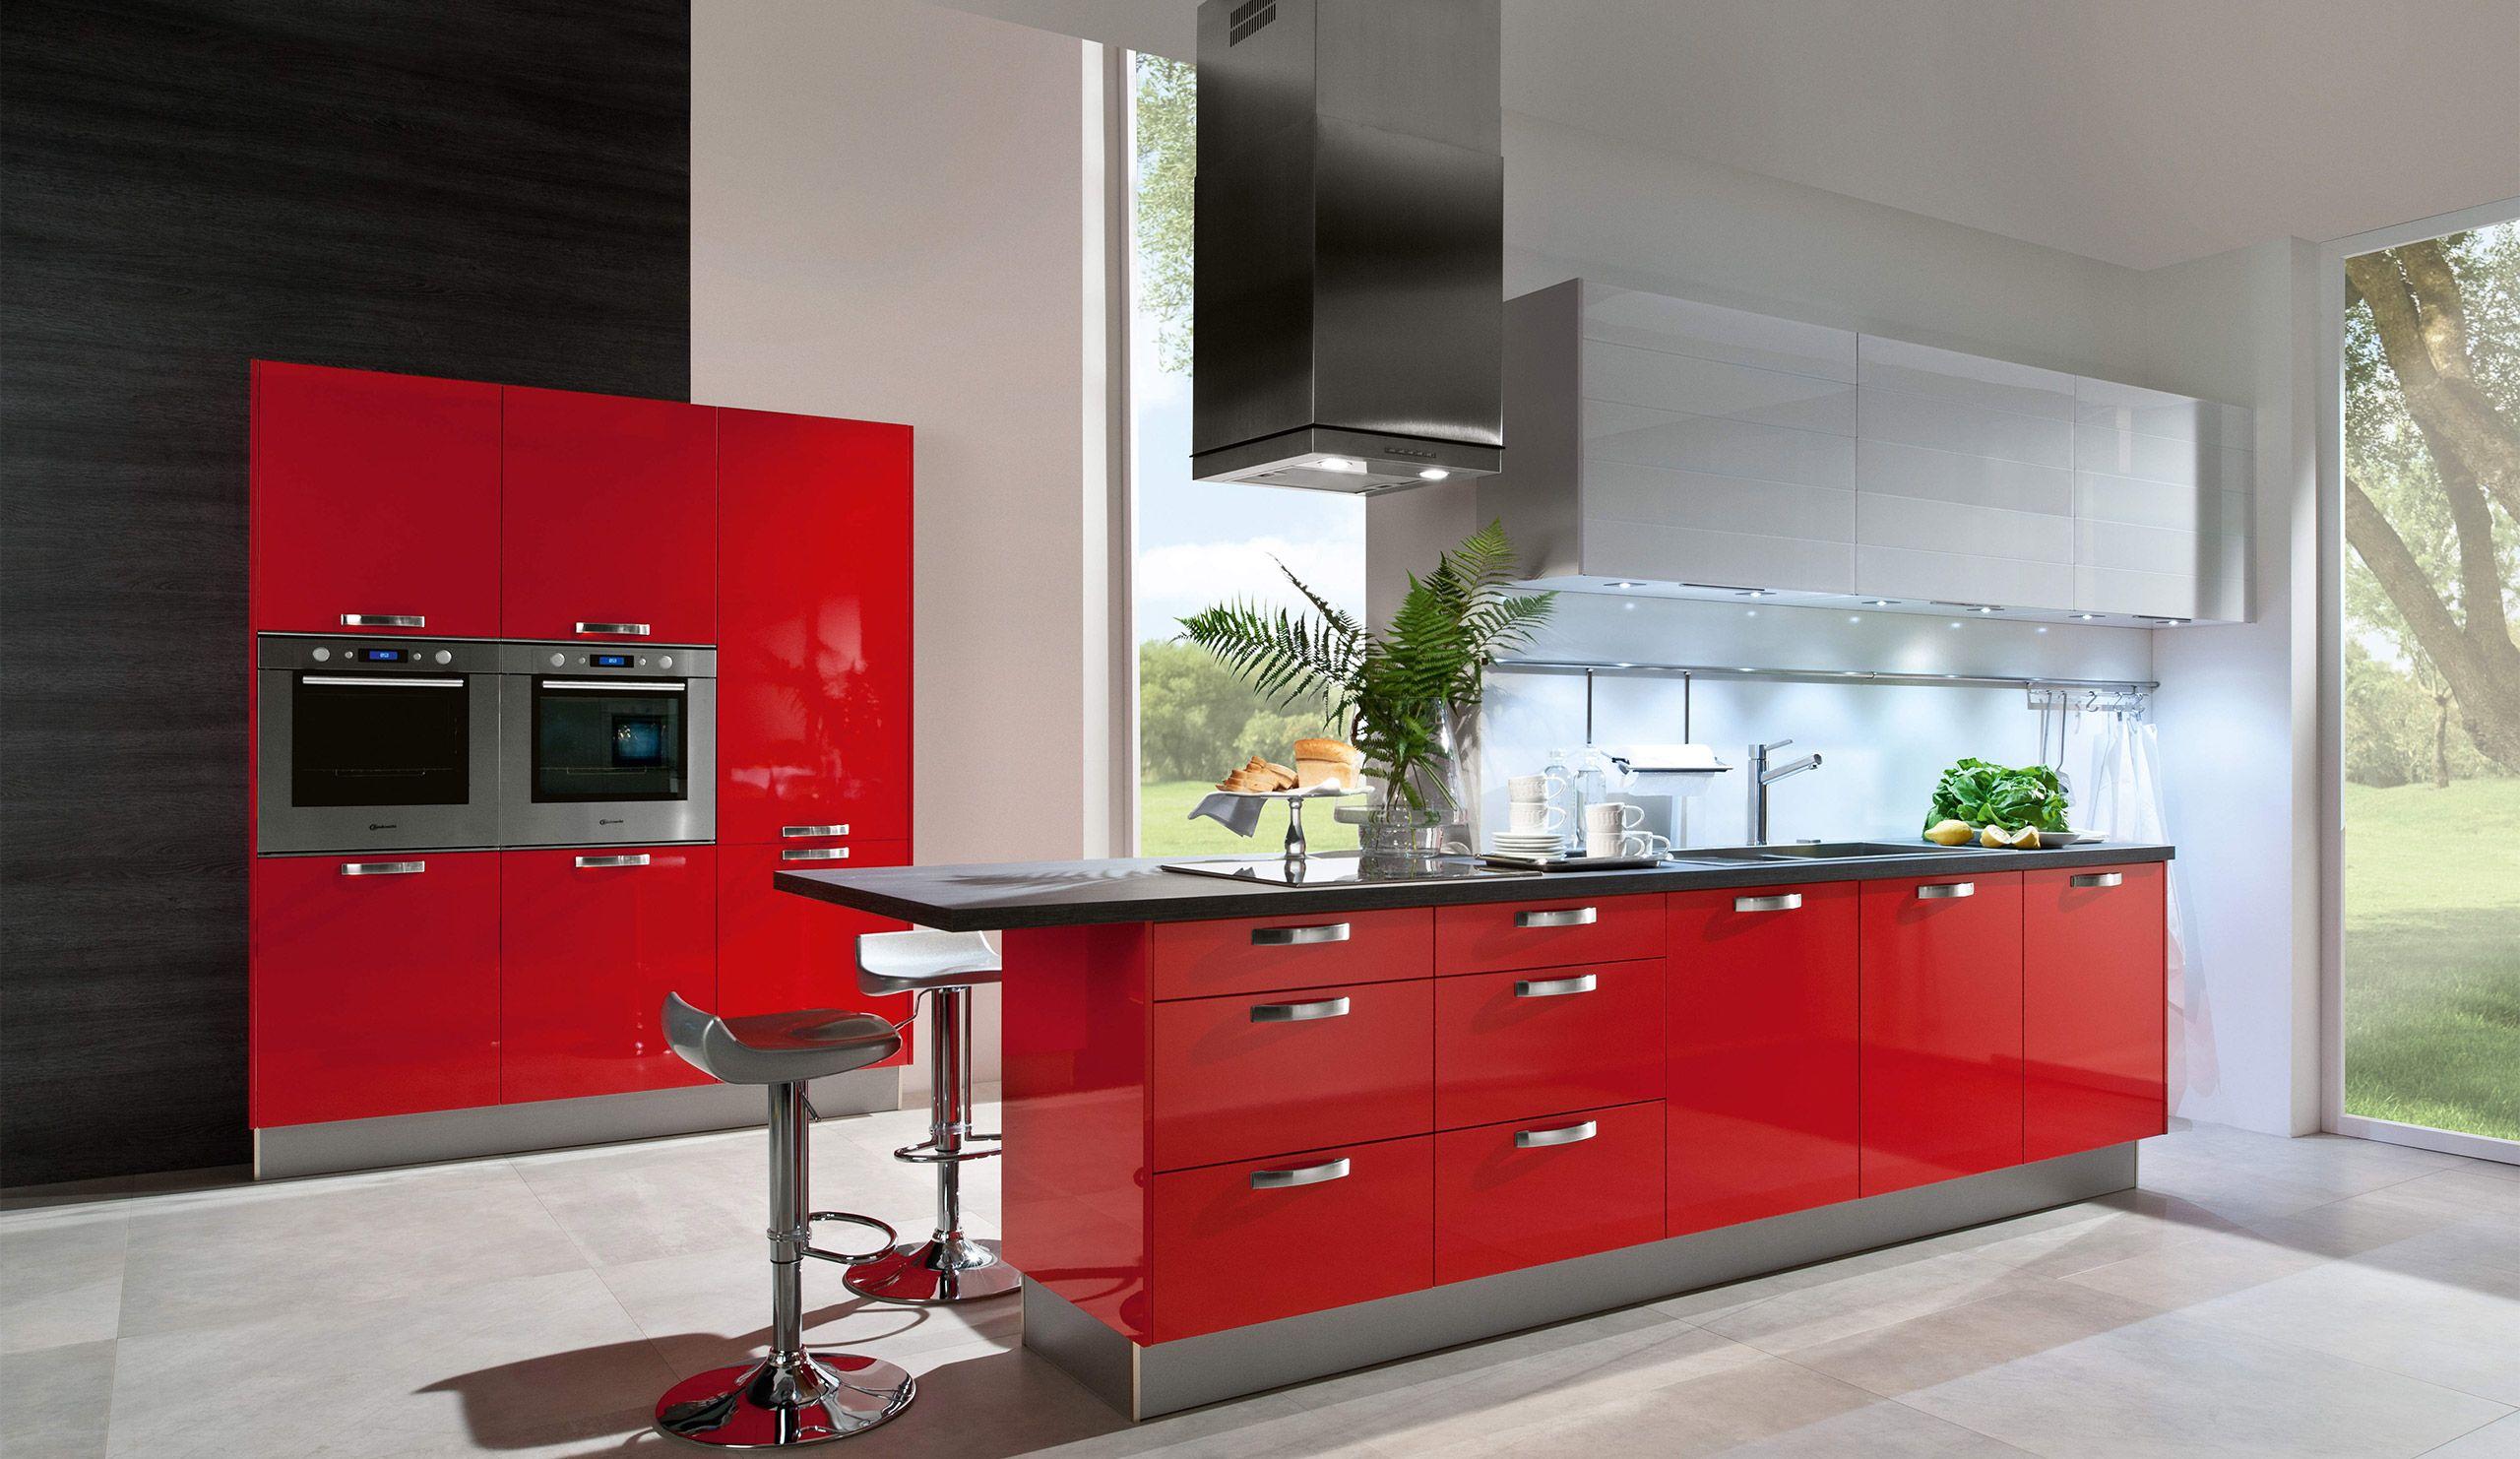 Einbauküche Aspen Hochglanz Rot | Haus | Pinterest | Einbauküchen ...